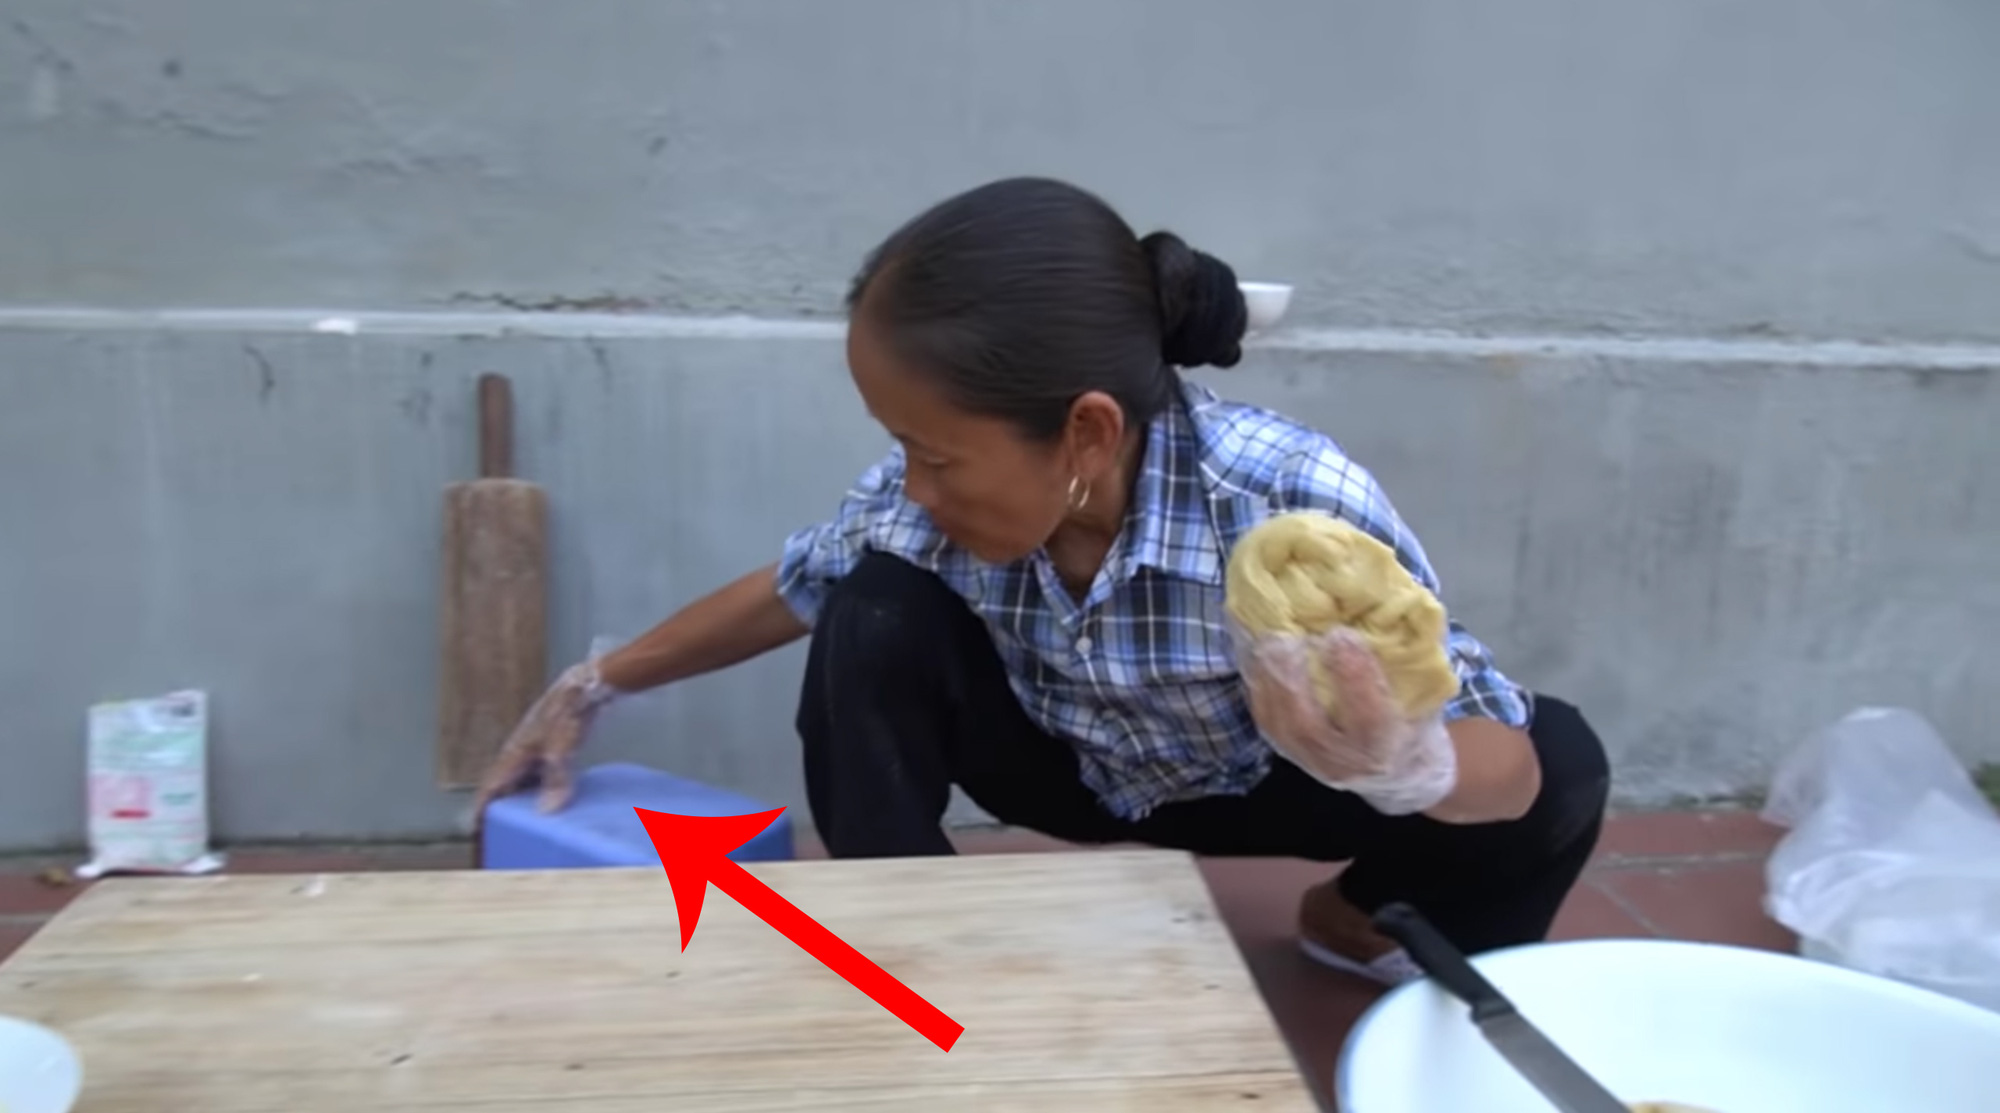 Chưa hết hoảng hồn với món bánh tiêu phiên bản kinh dị của Bà Tân Vlog, dân mạng lại phát hiện thêm sự cố mất vệ sinh - Ảnh 5.